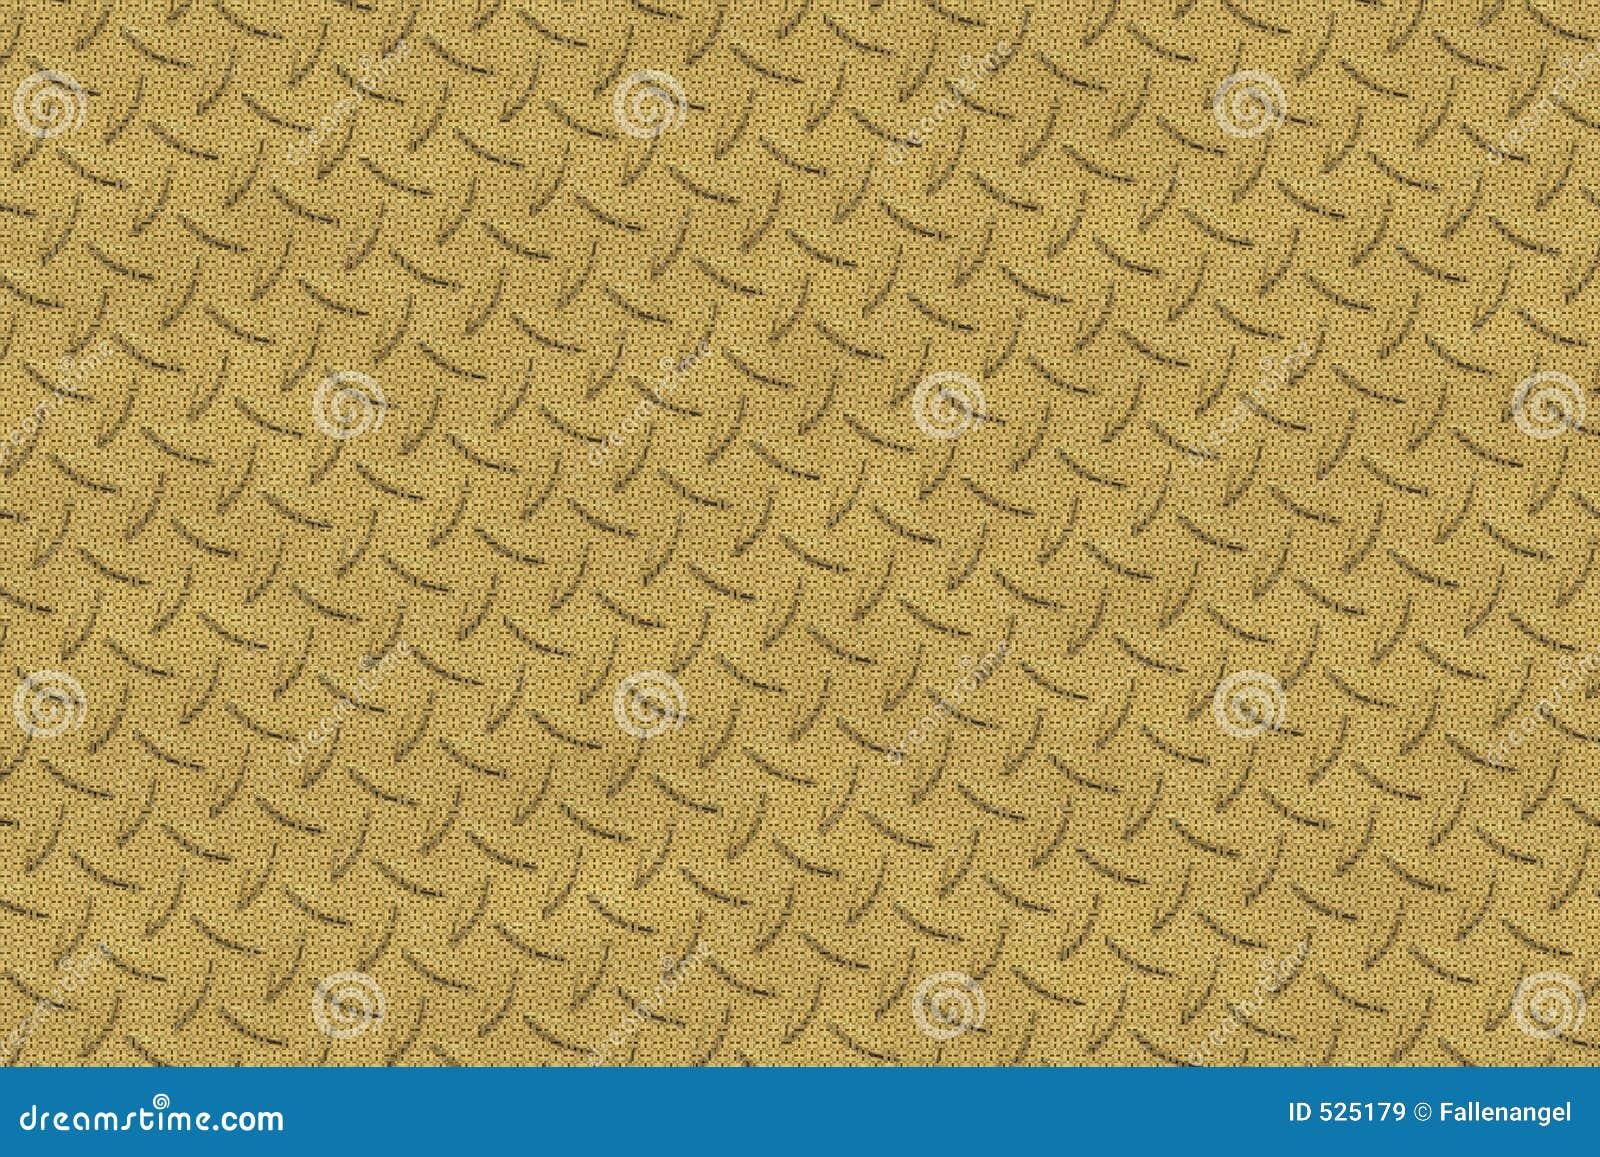 Download 金属纹理 库存例证. 插画 包括有 金属, 回报, 建筑, 墙纸, 灰色, 背包, 牌照, 纹理, 抽象, 硬件 - 525179